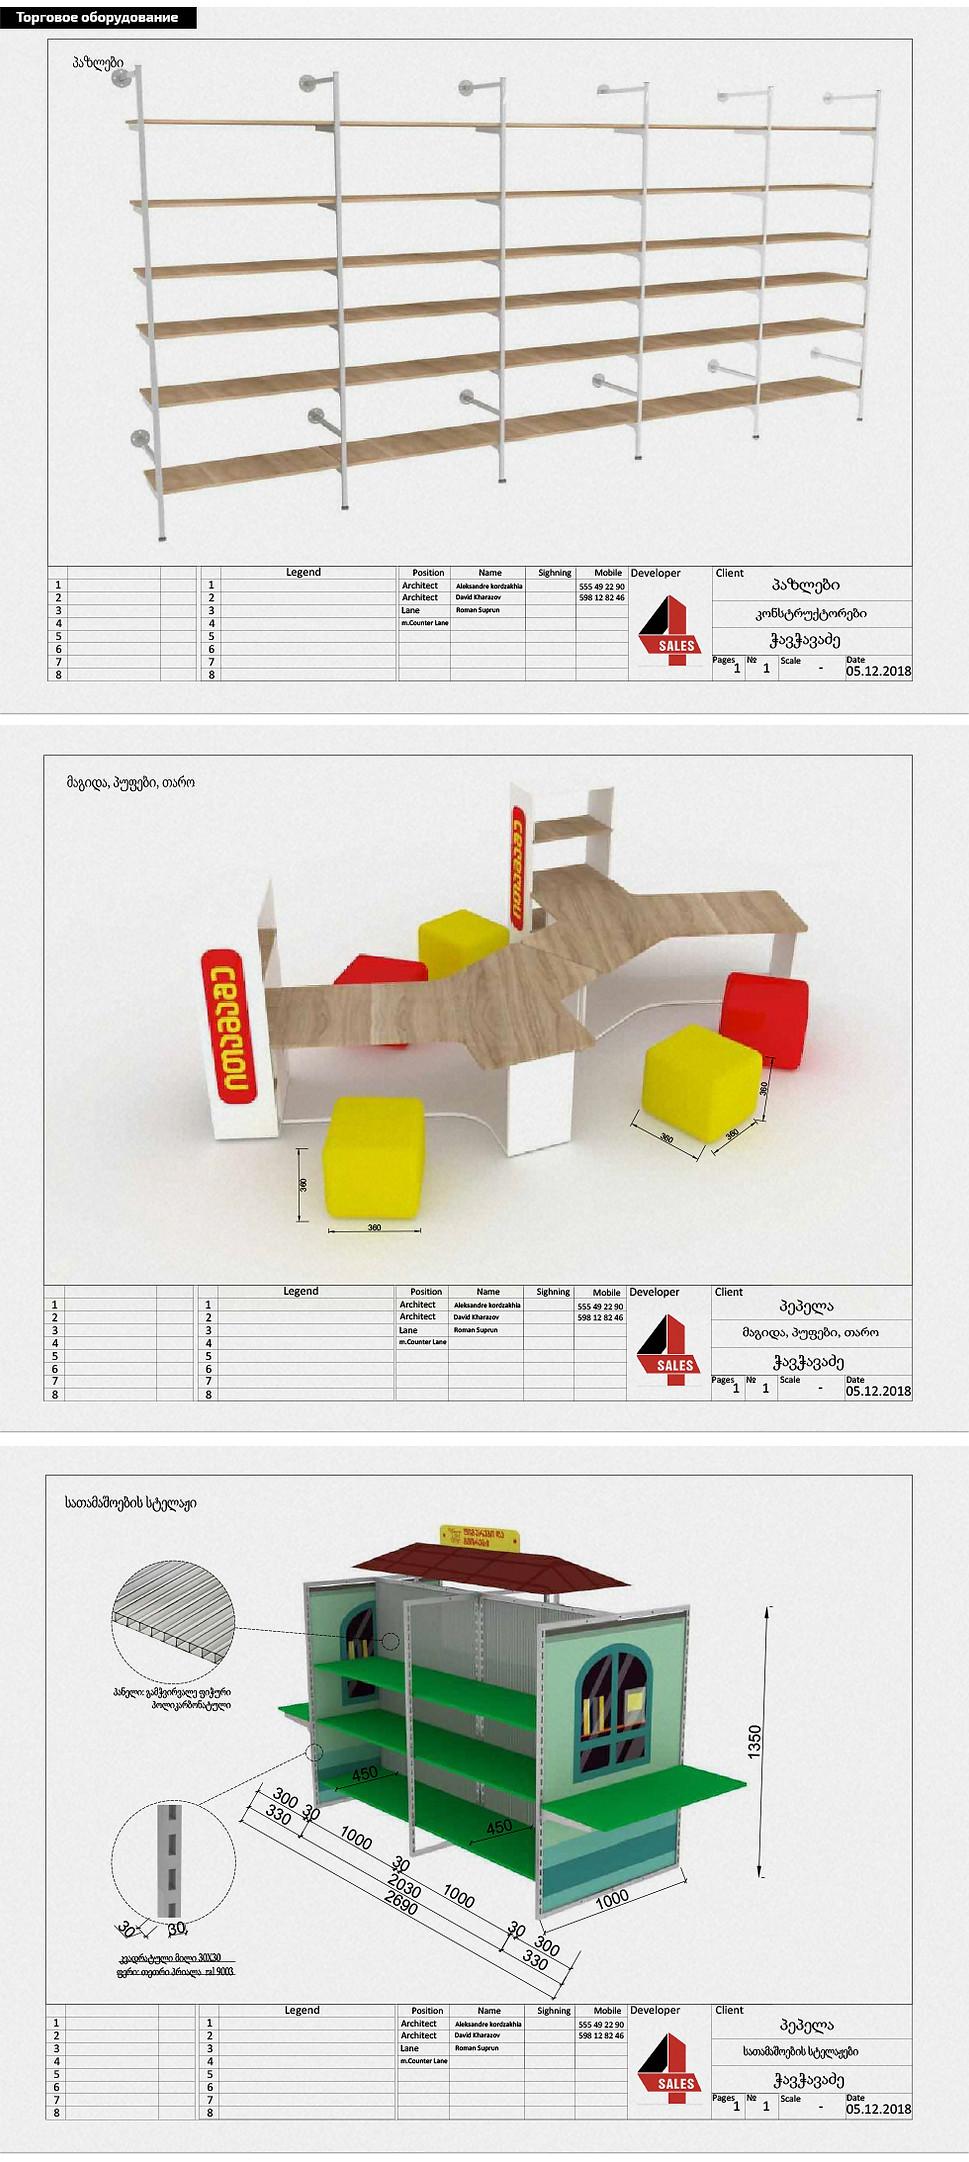 09 სავაჭრო აღჭურვილობის დიზაინი.jpg